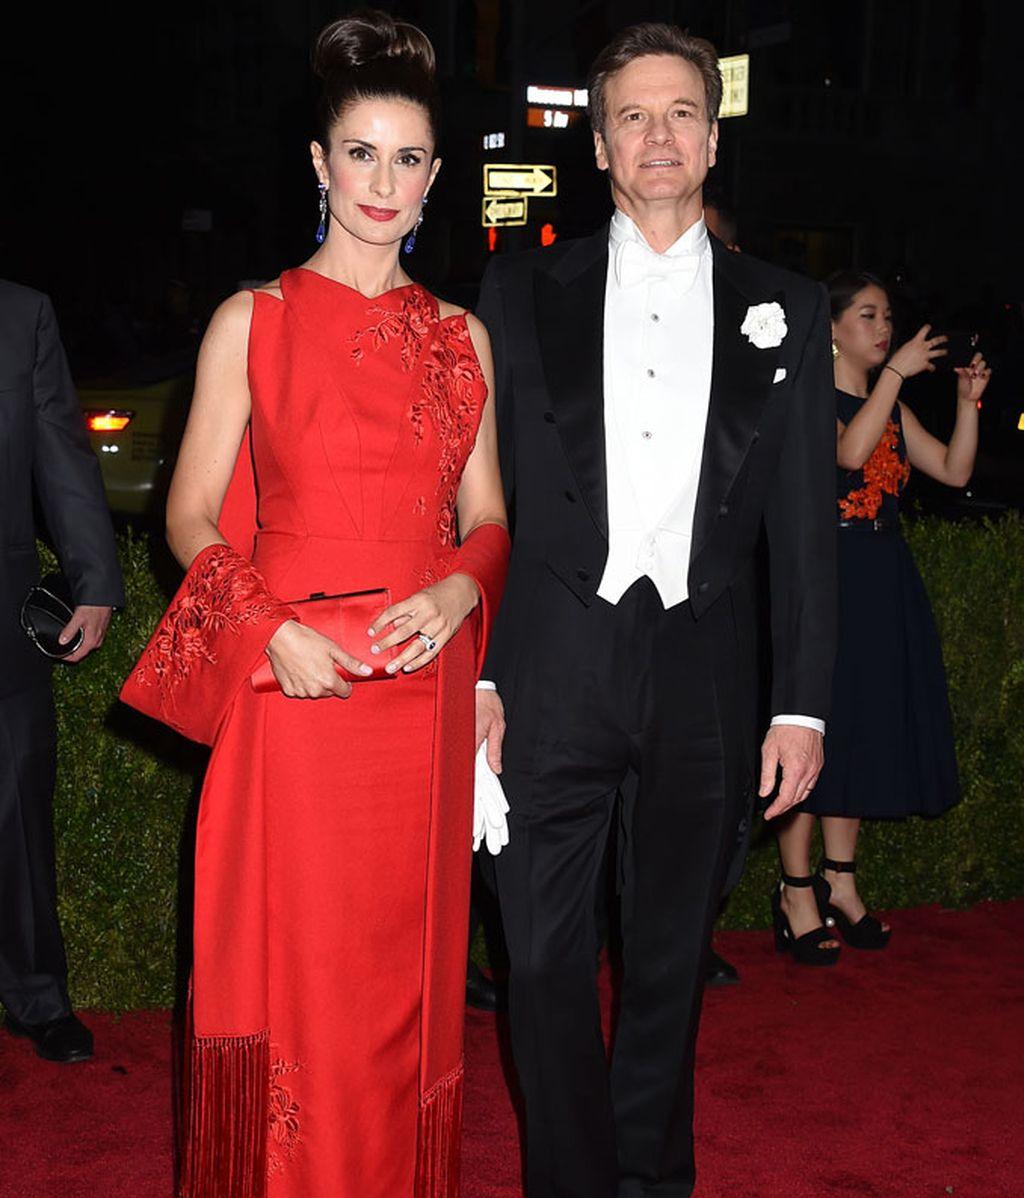 Collin Firth y Livia Giuggioli, ella con vestido de botellas recicladas